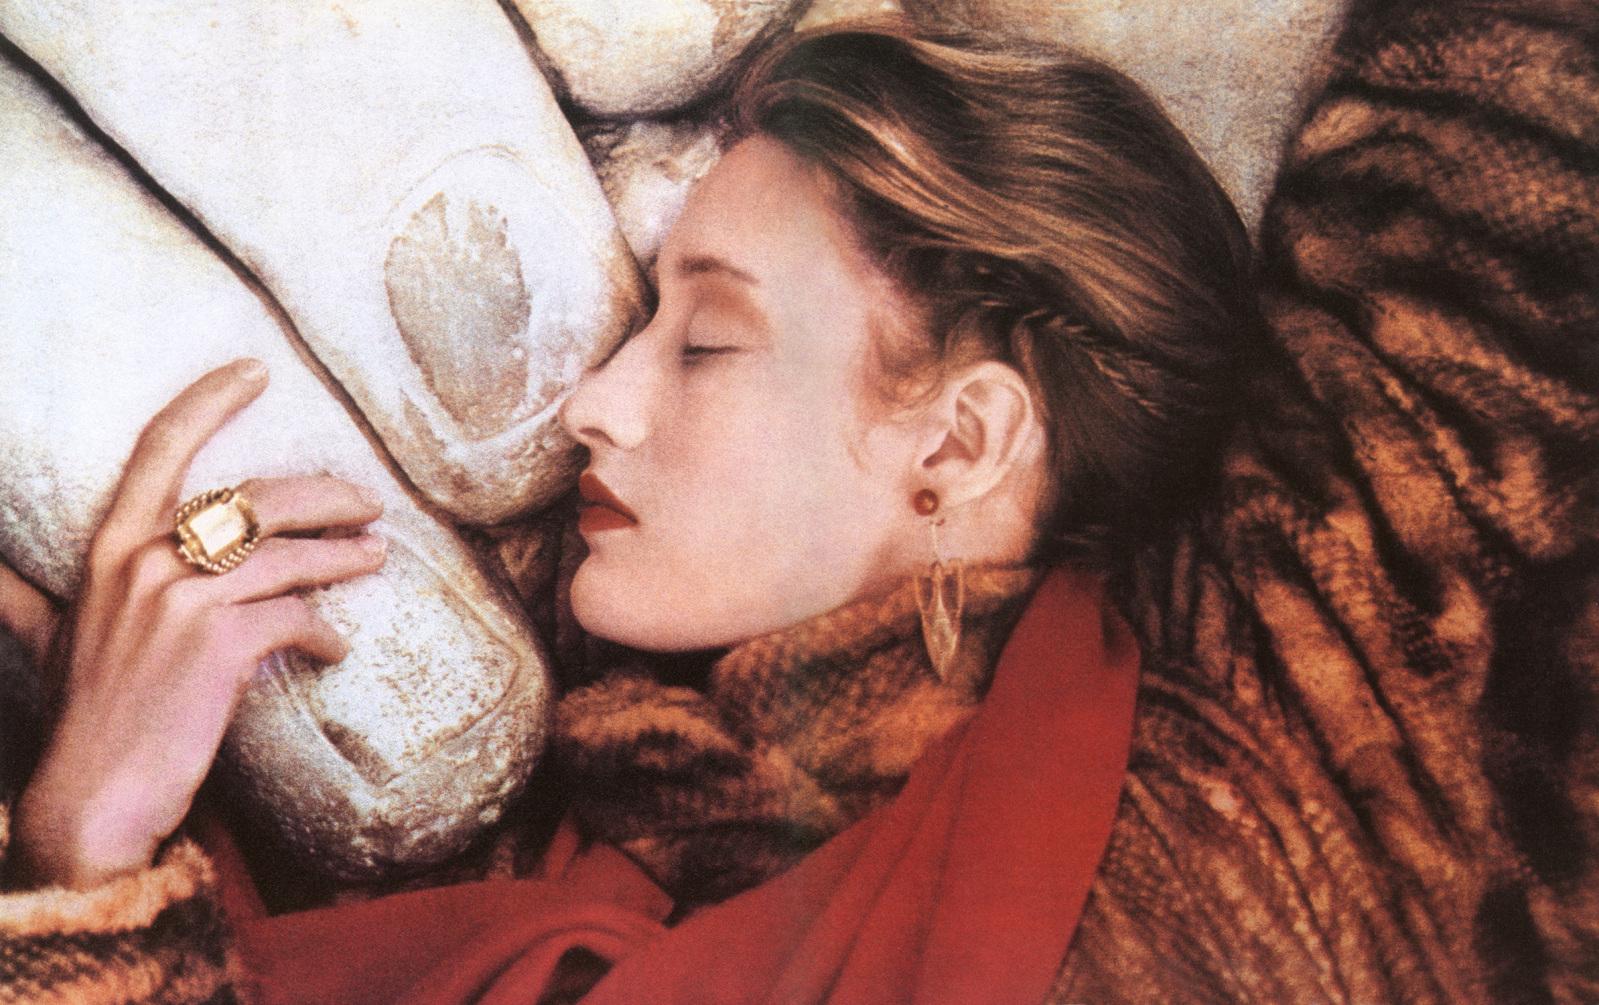 sheila-metzner-model-marie-sophie-wilson-fendi-1986.jpg